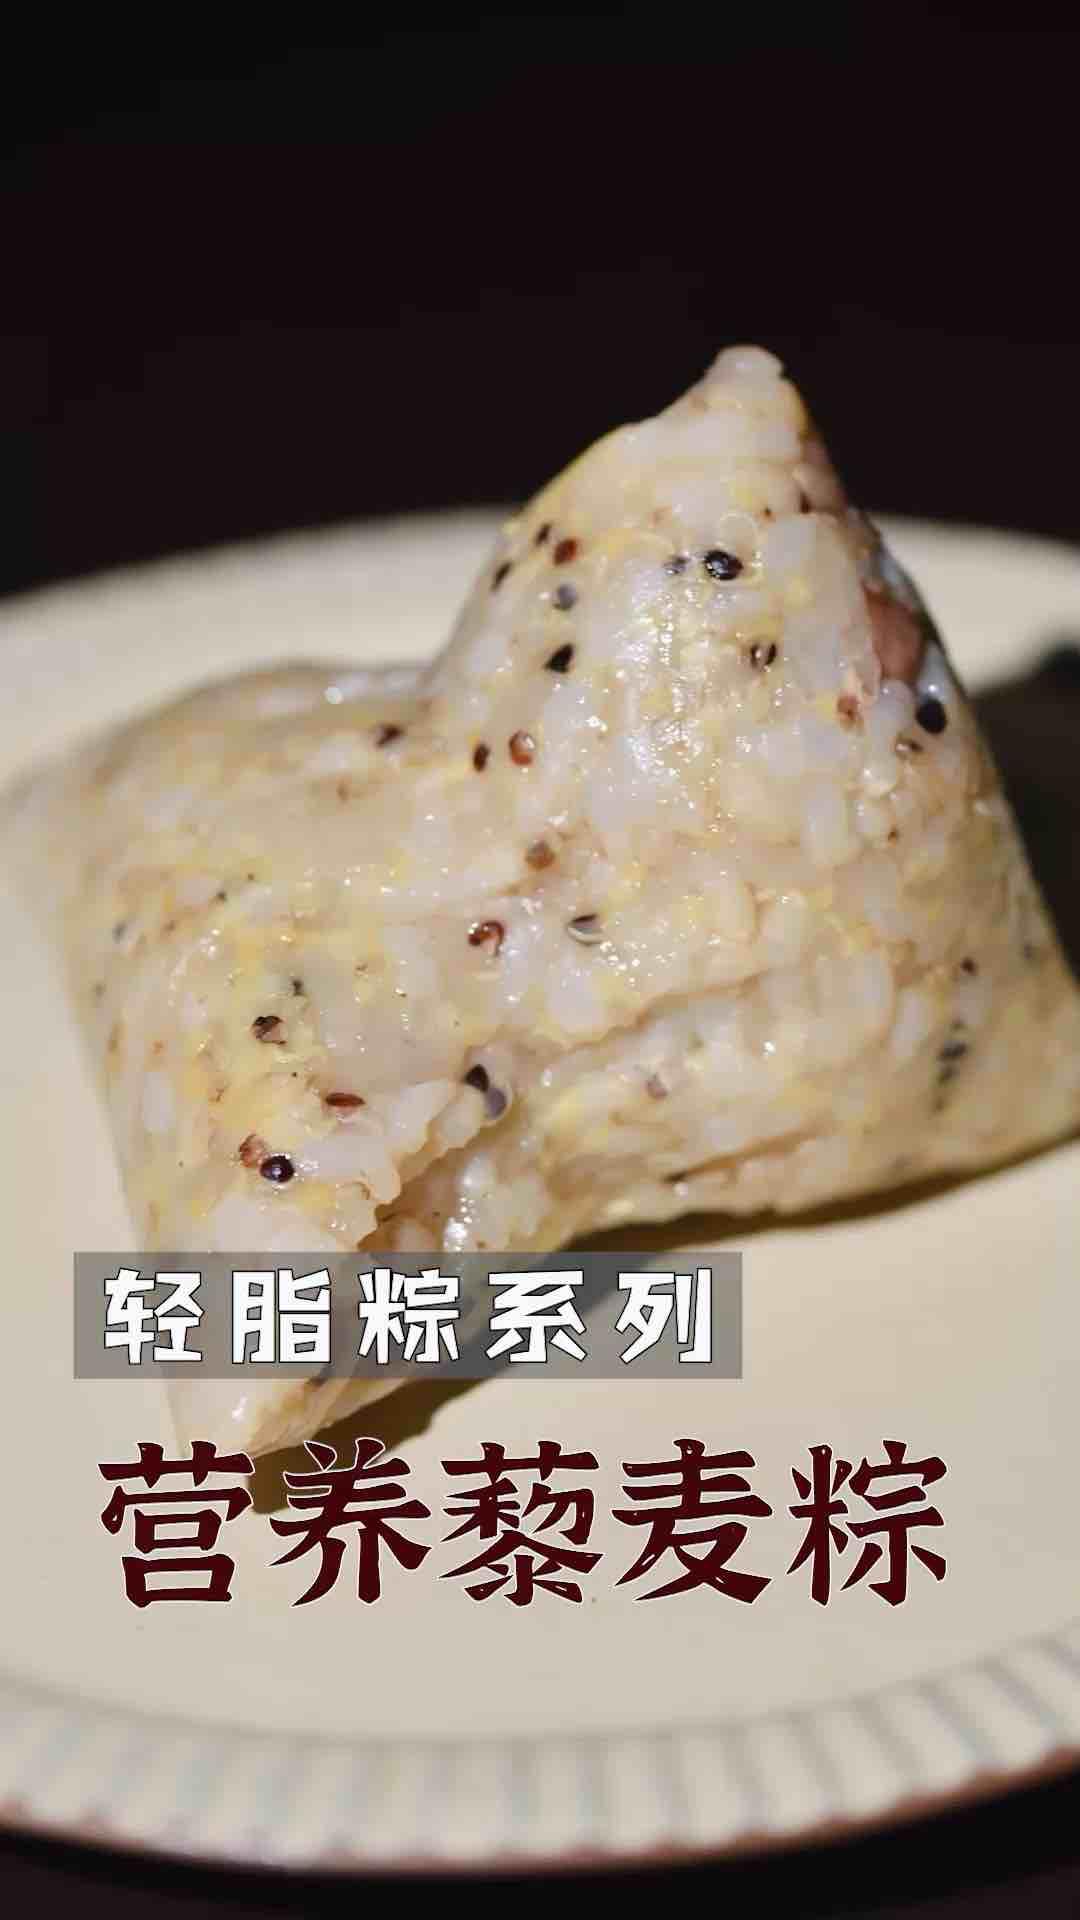 端午节轻脂粽系列   营养藜麦粽